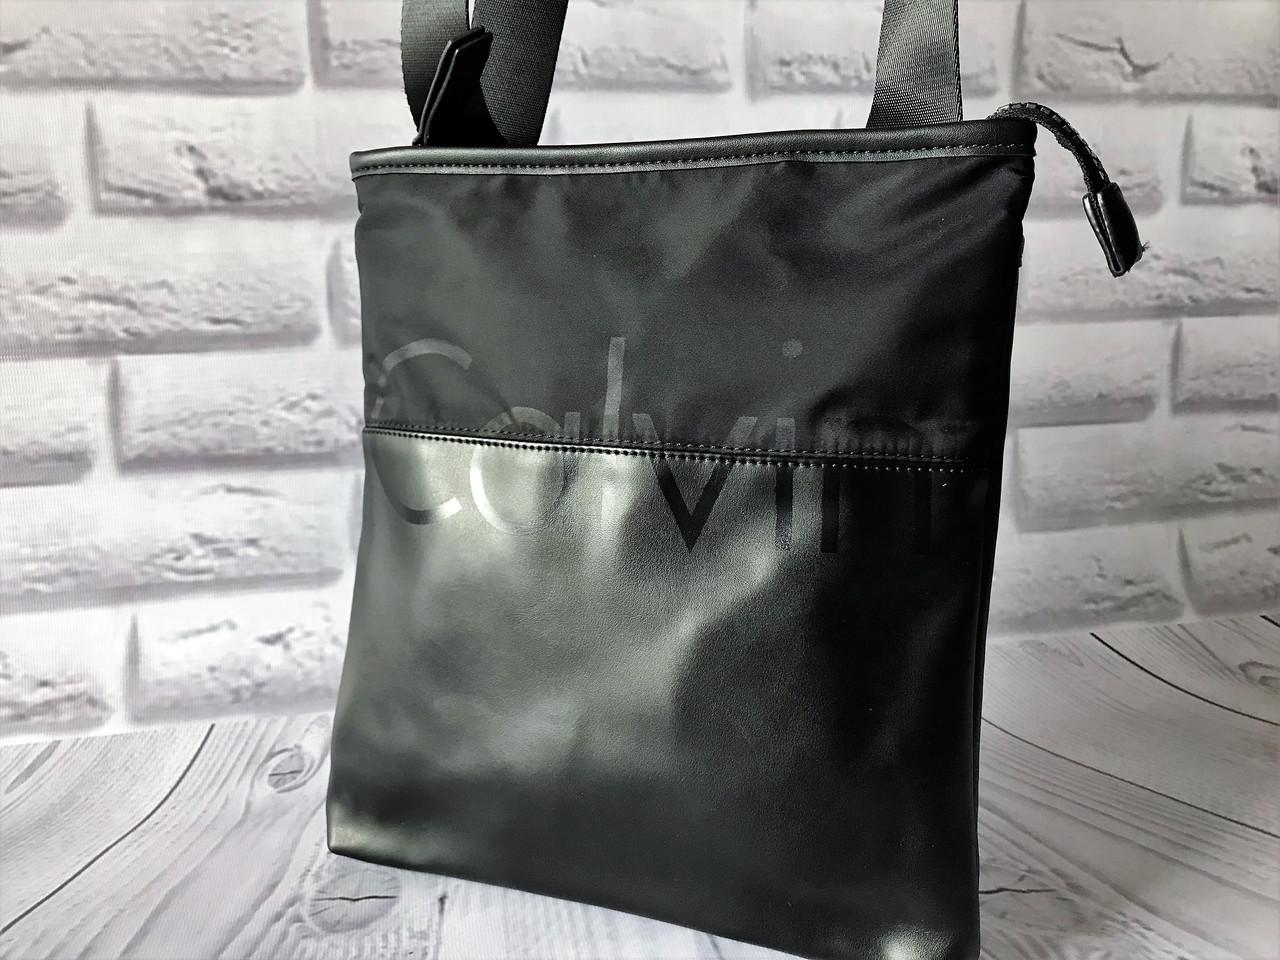 464e8c75cfb8 Мужская сумка через плечо реплика Calvin Klein - Интернет магазин  tsarsky-shop.com в